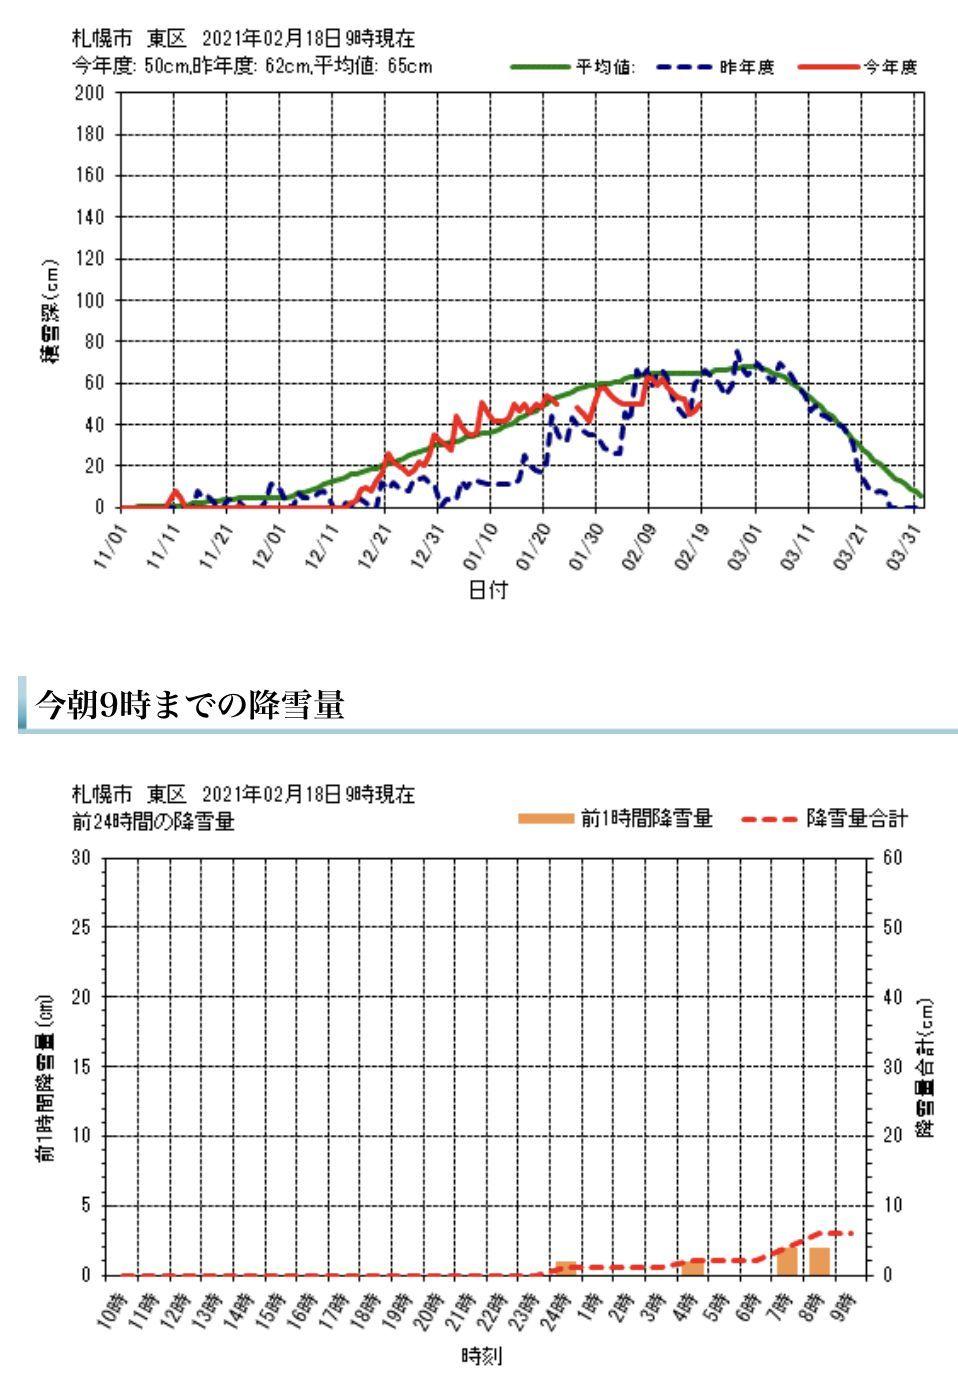 真冬日も覚悟していたものの意外と暖かく最高気温がプラス2.3℃_c0025115_20451522.jpg